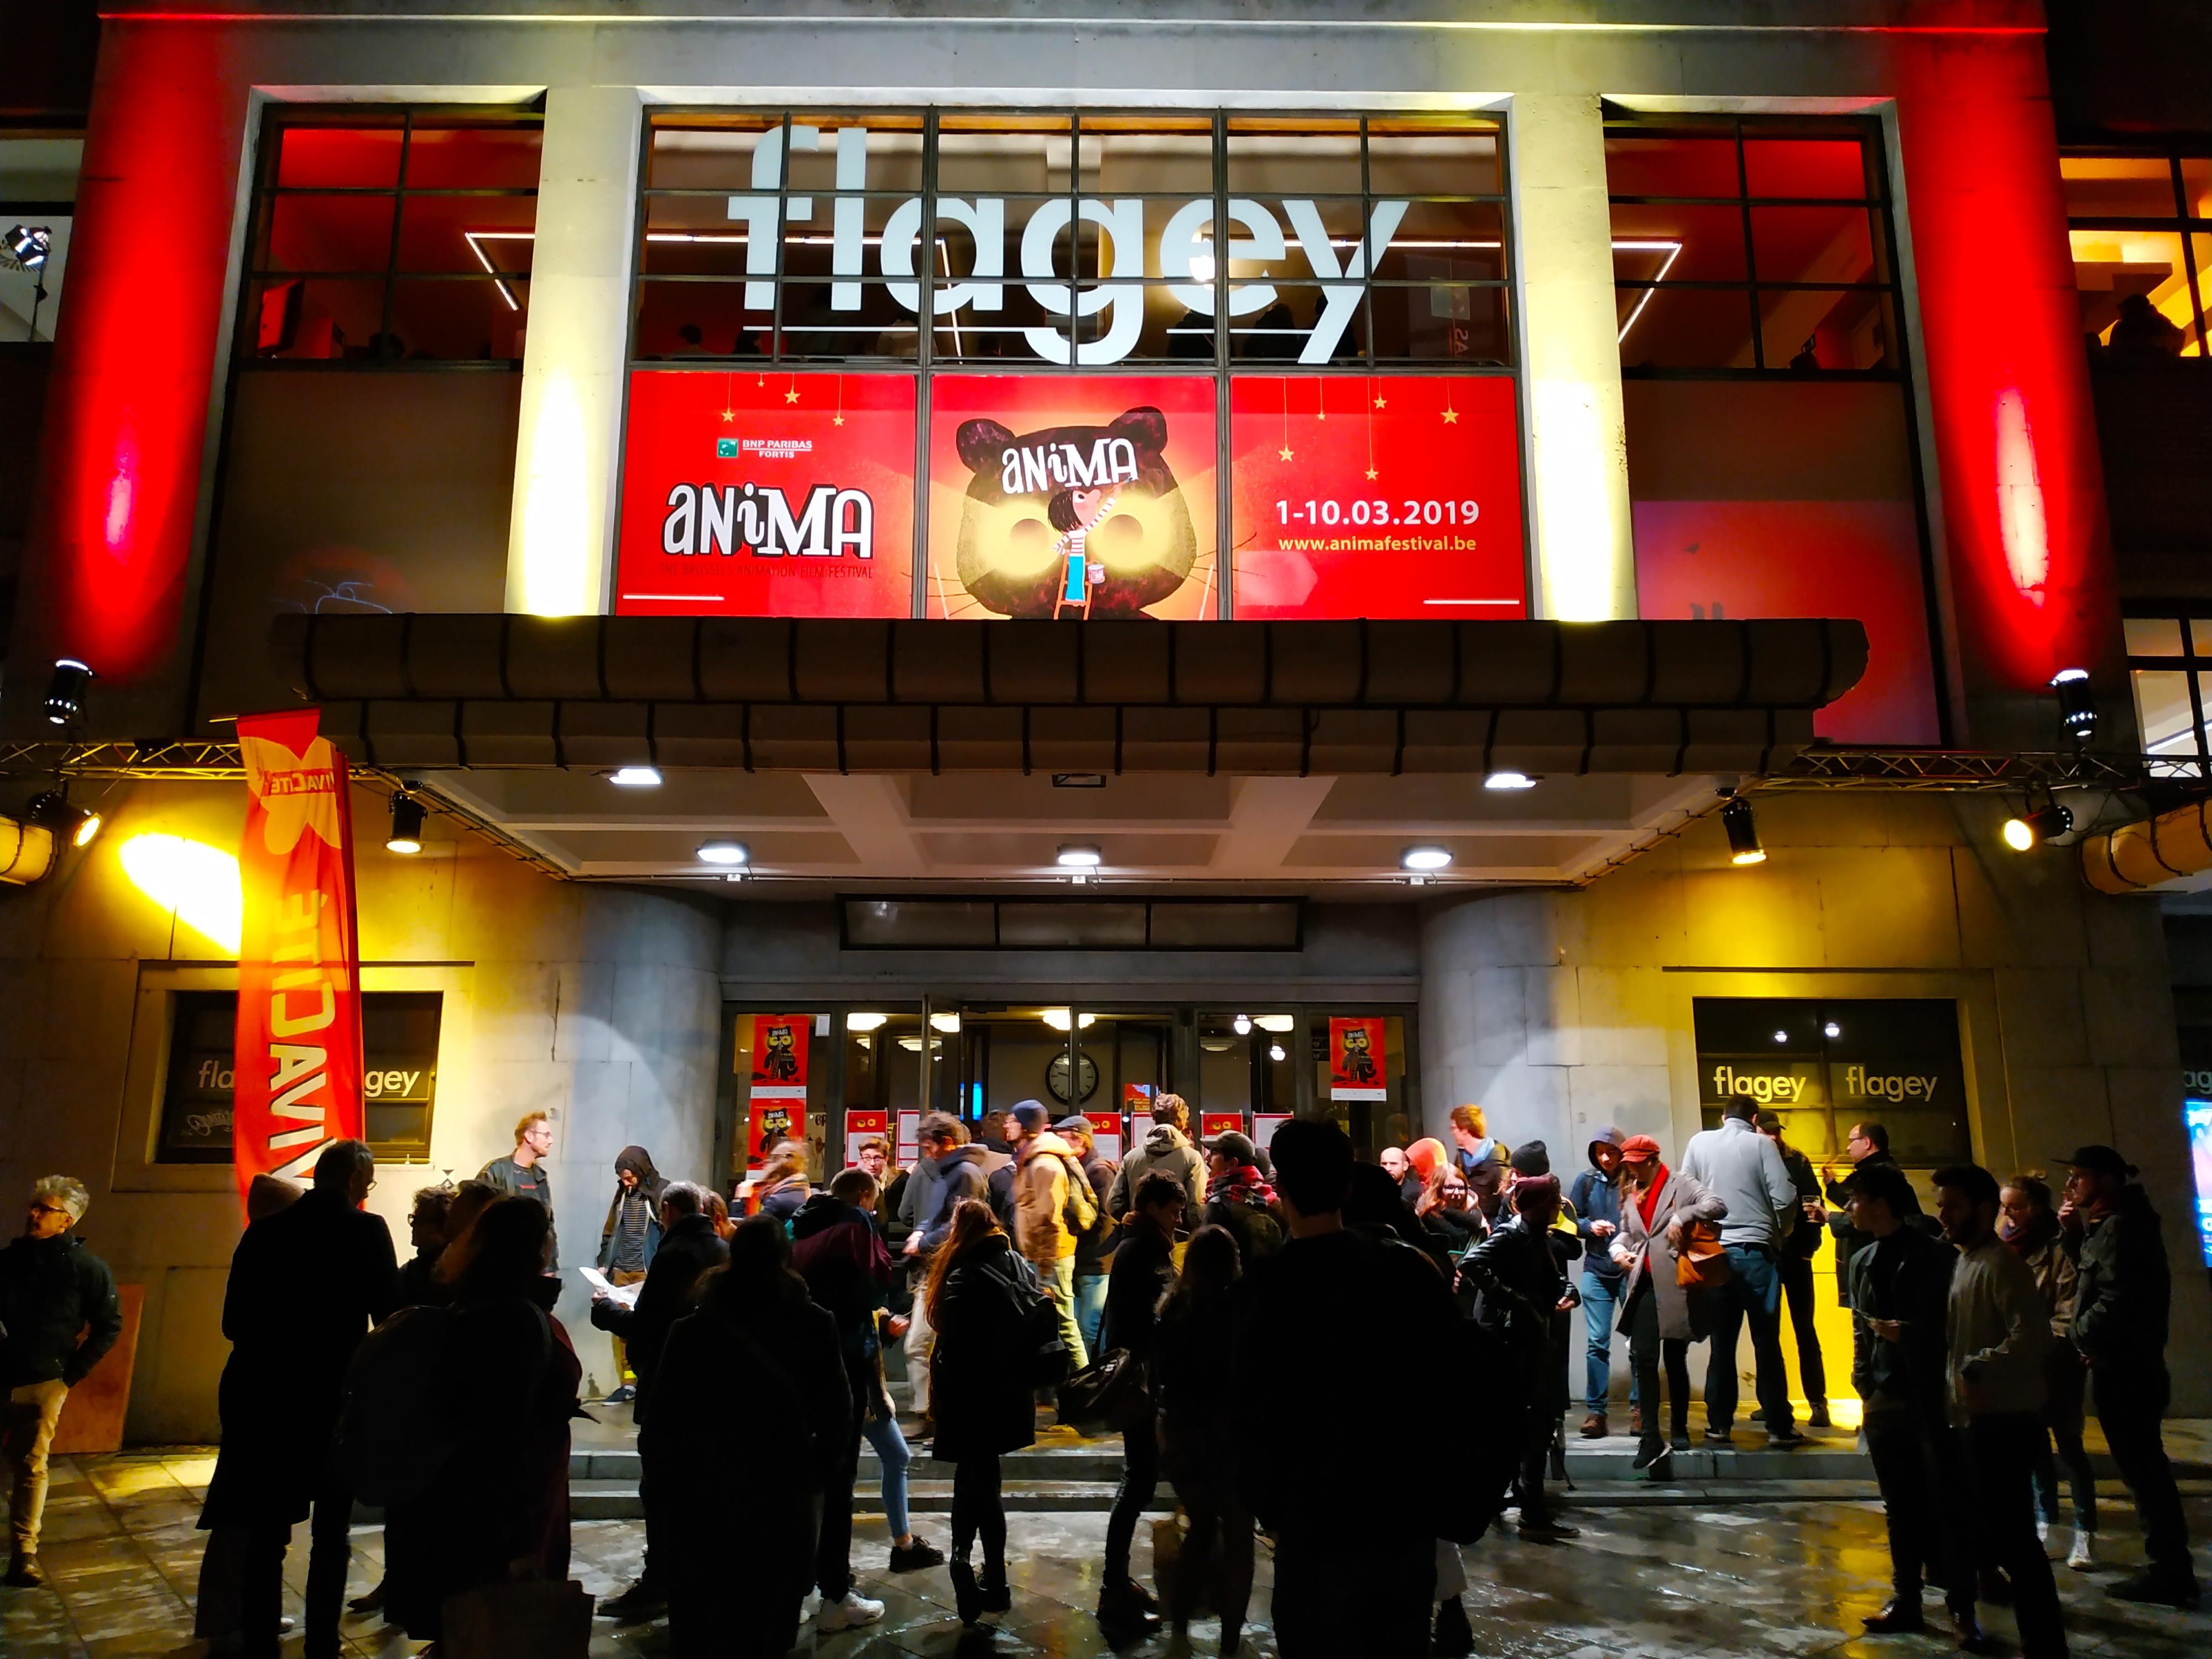 Drukbezochte Animafestival 2019 Flagey